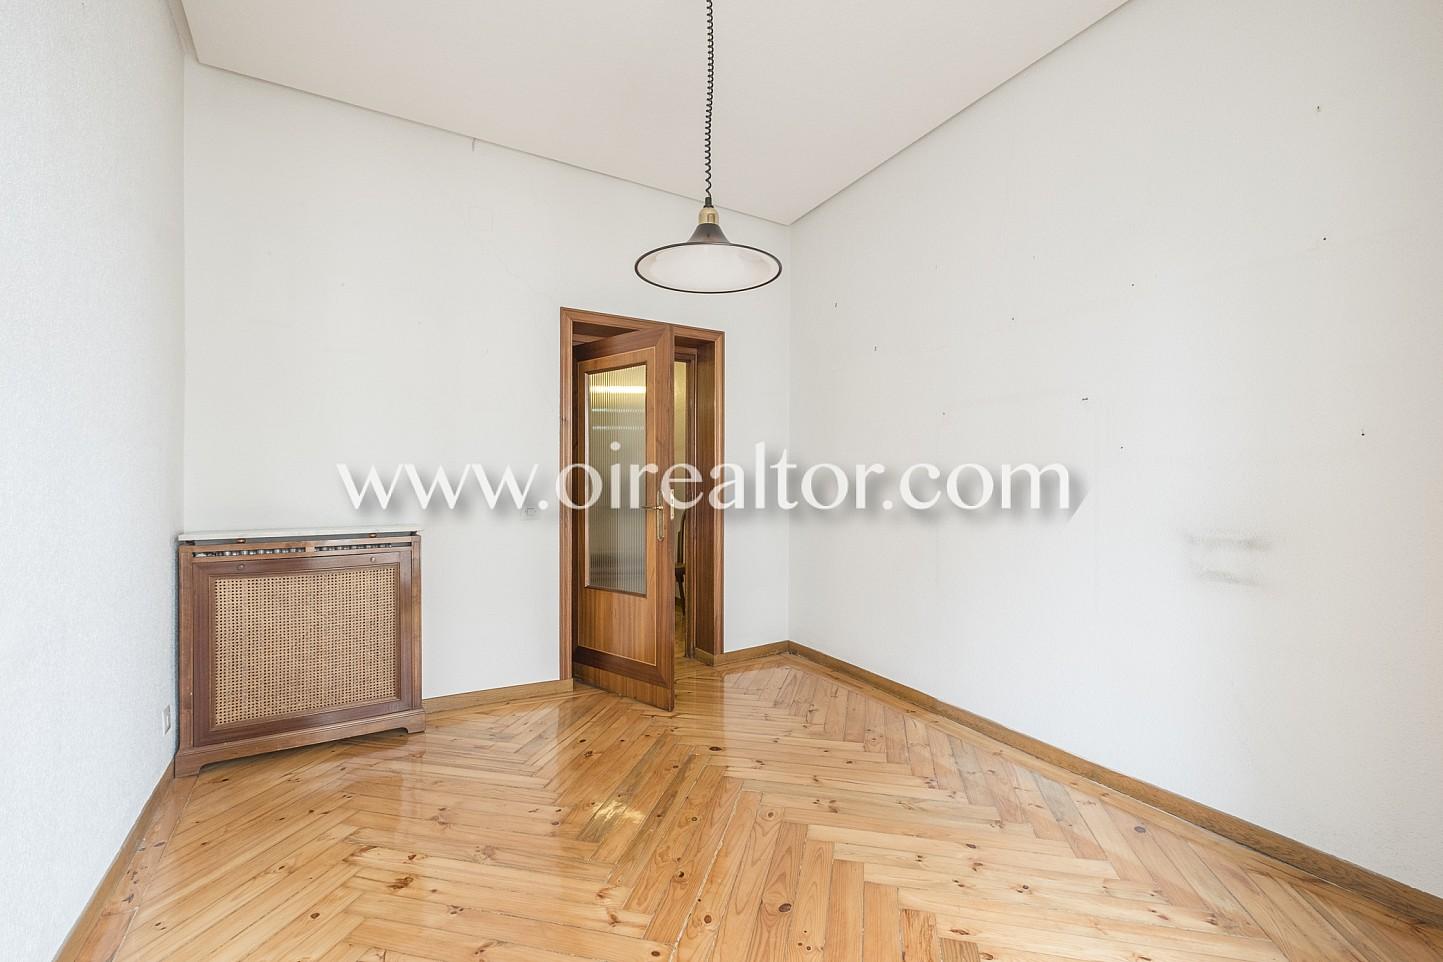 Fantastico piso en venta de 4 habitaciones en zona centro - Compro piso en madrid zona centro ...